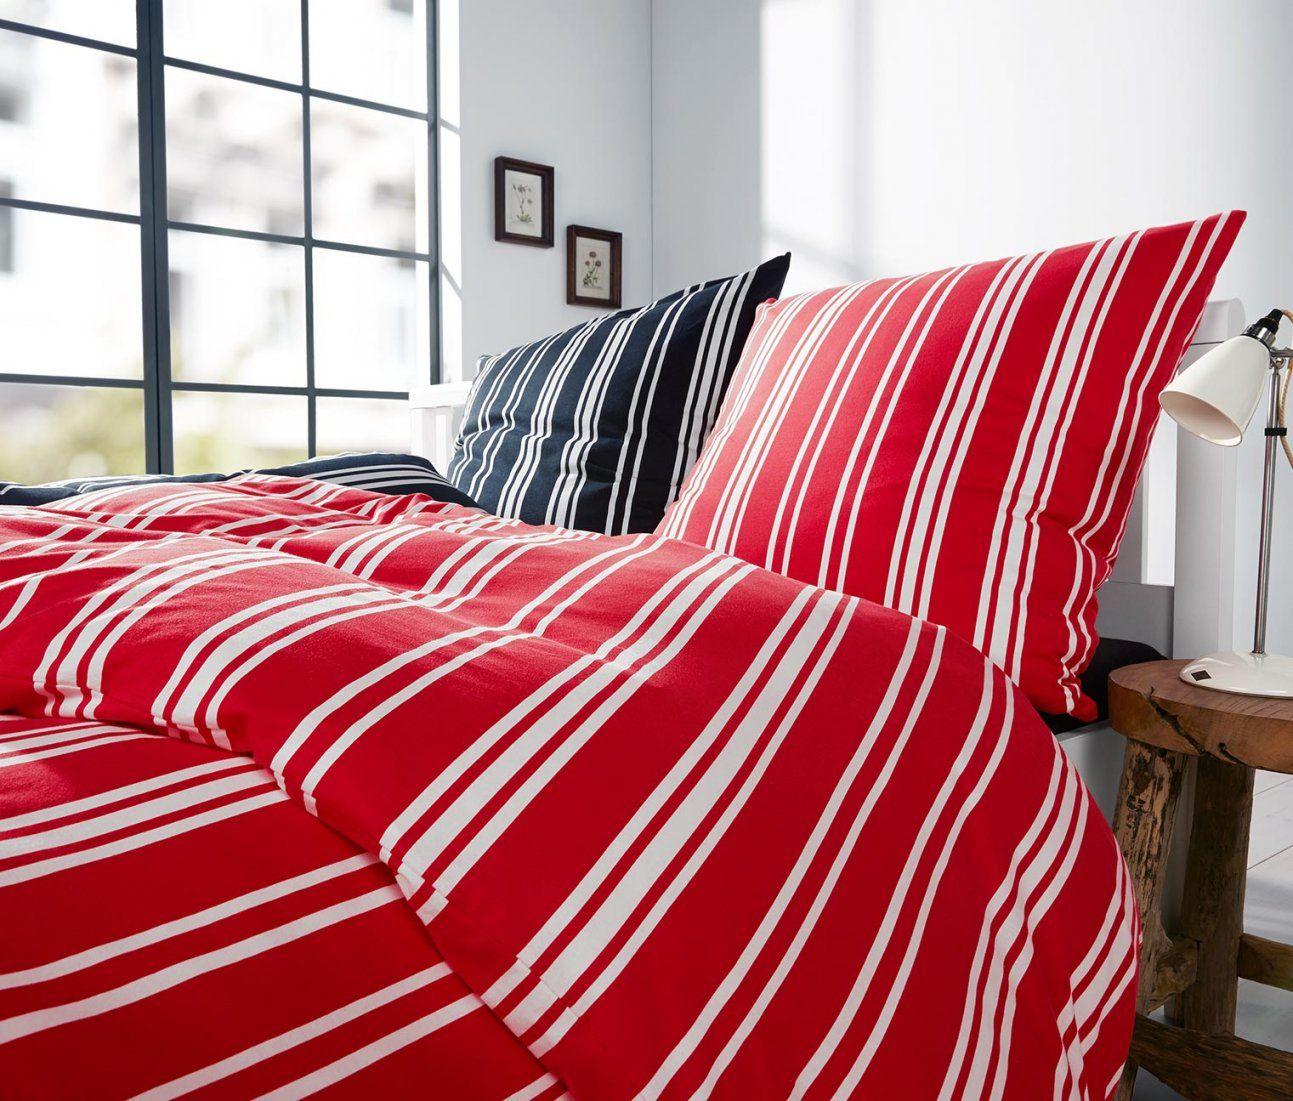 Jerseybettwäsche Rotweiß Gestreift Online Bestellen Bei Tchibo 309832 von Bettwäsche Rot Weiß Gestreift Photo